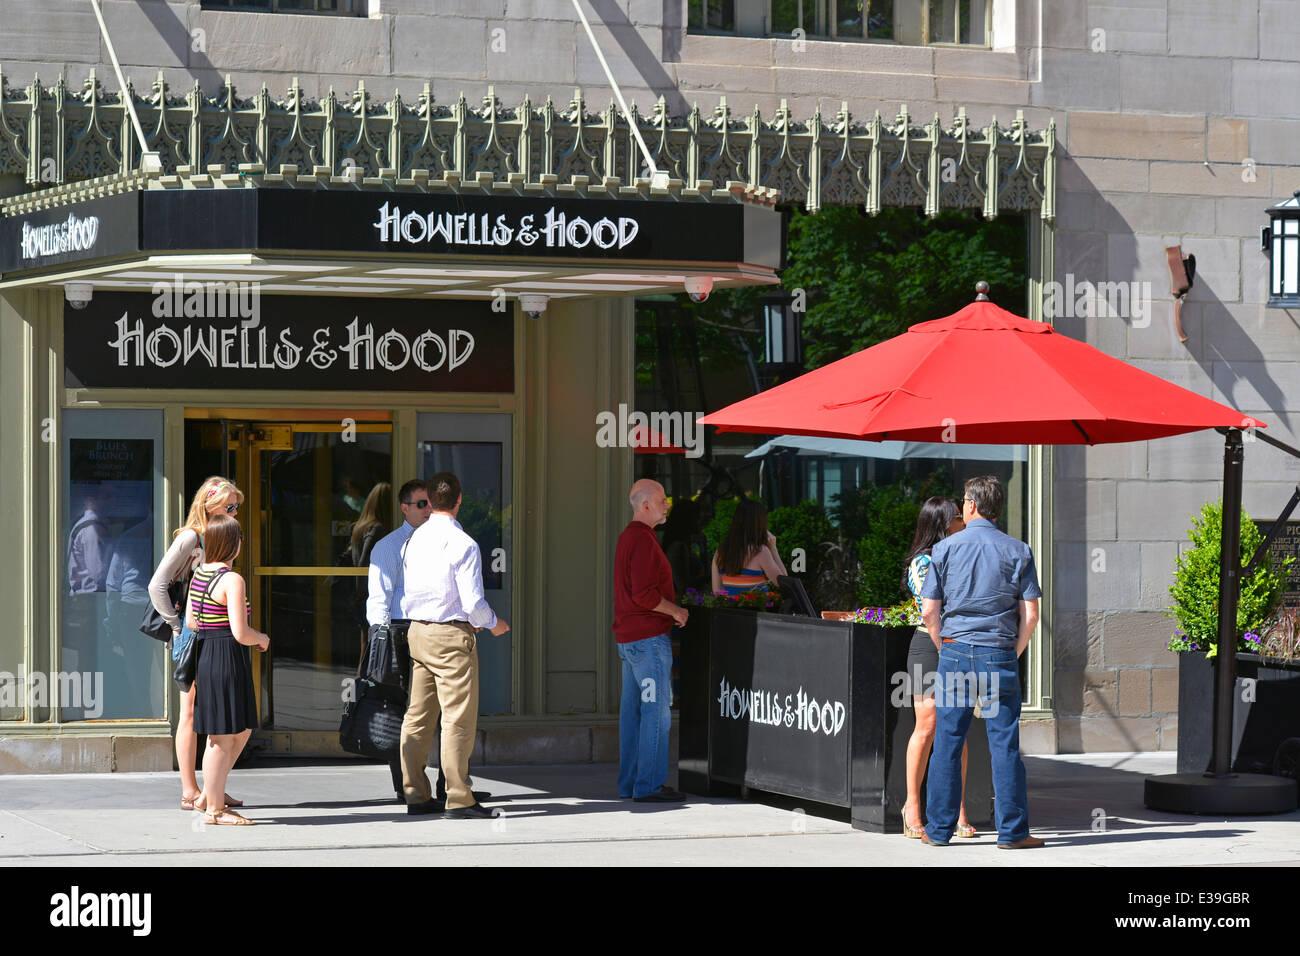 Howells y capucha para cenar al aire libre en la Avenida Michigan en el centro de Chicago, Illinois, EE.UU. Imagen De Stock